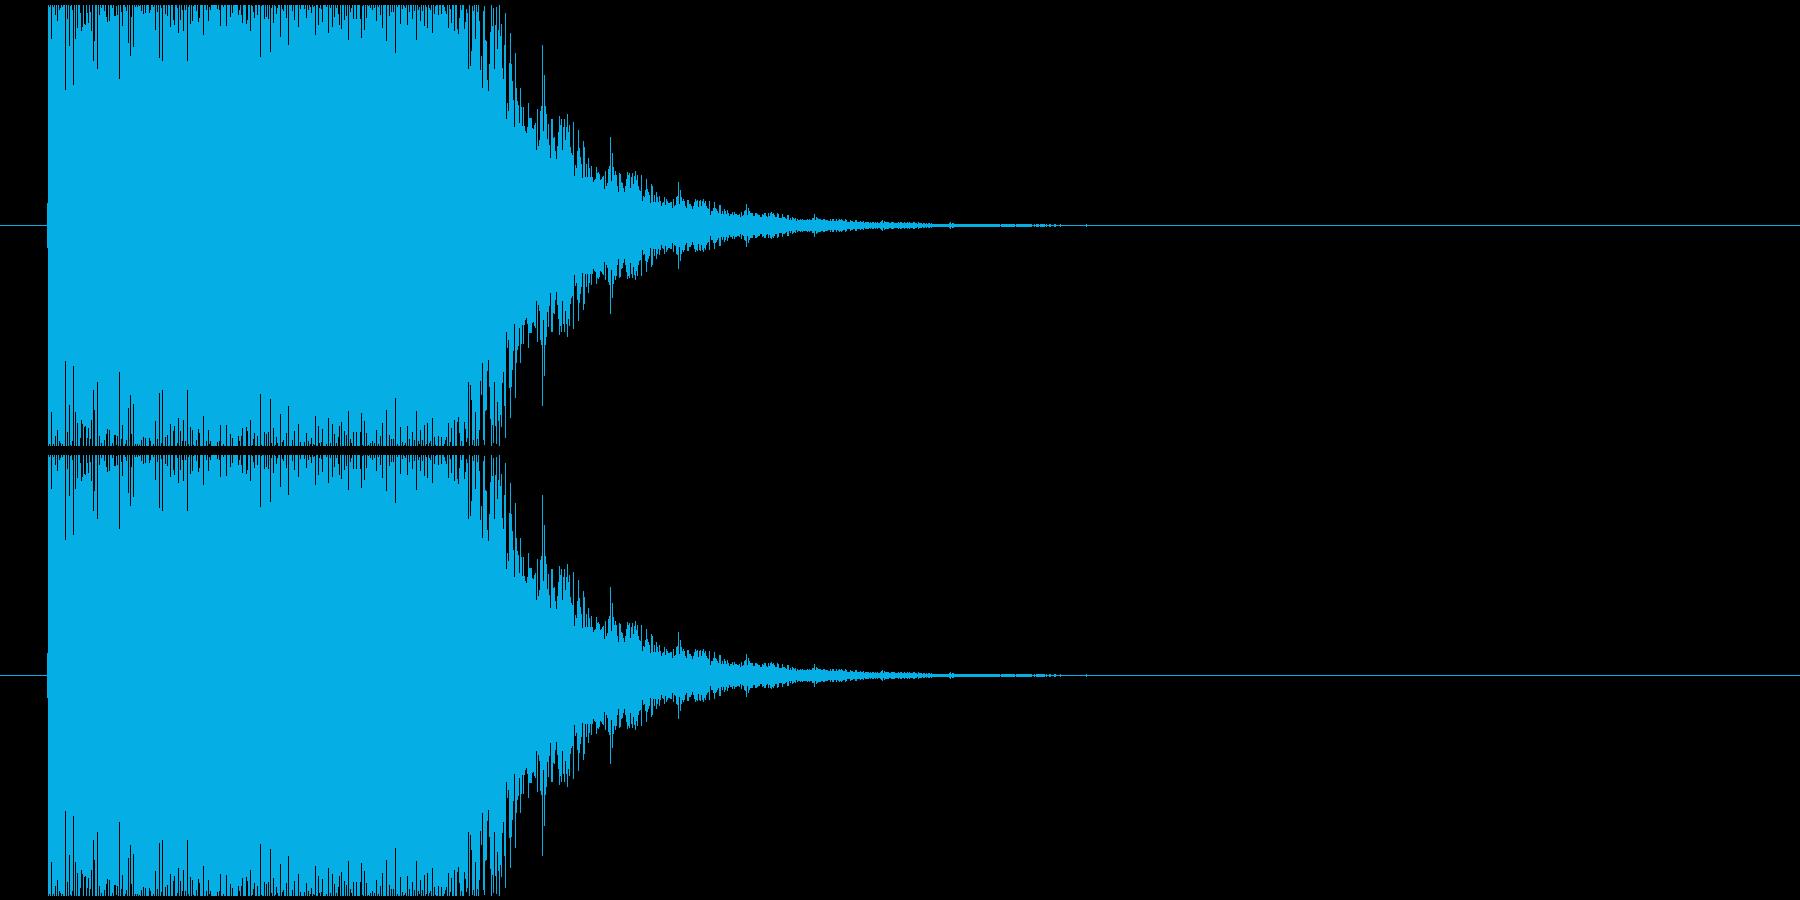 魔法登場音の再生済みの波形